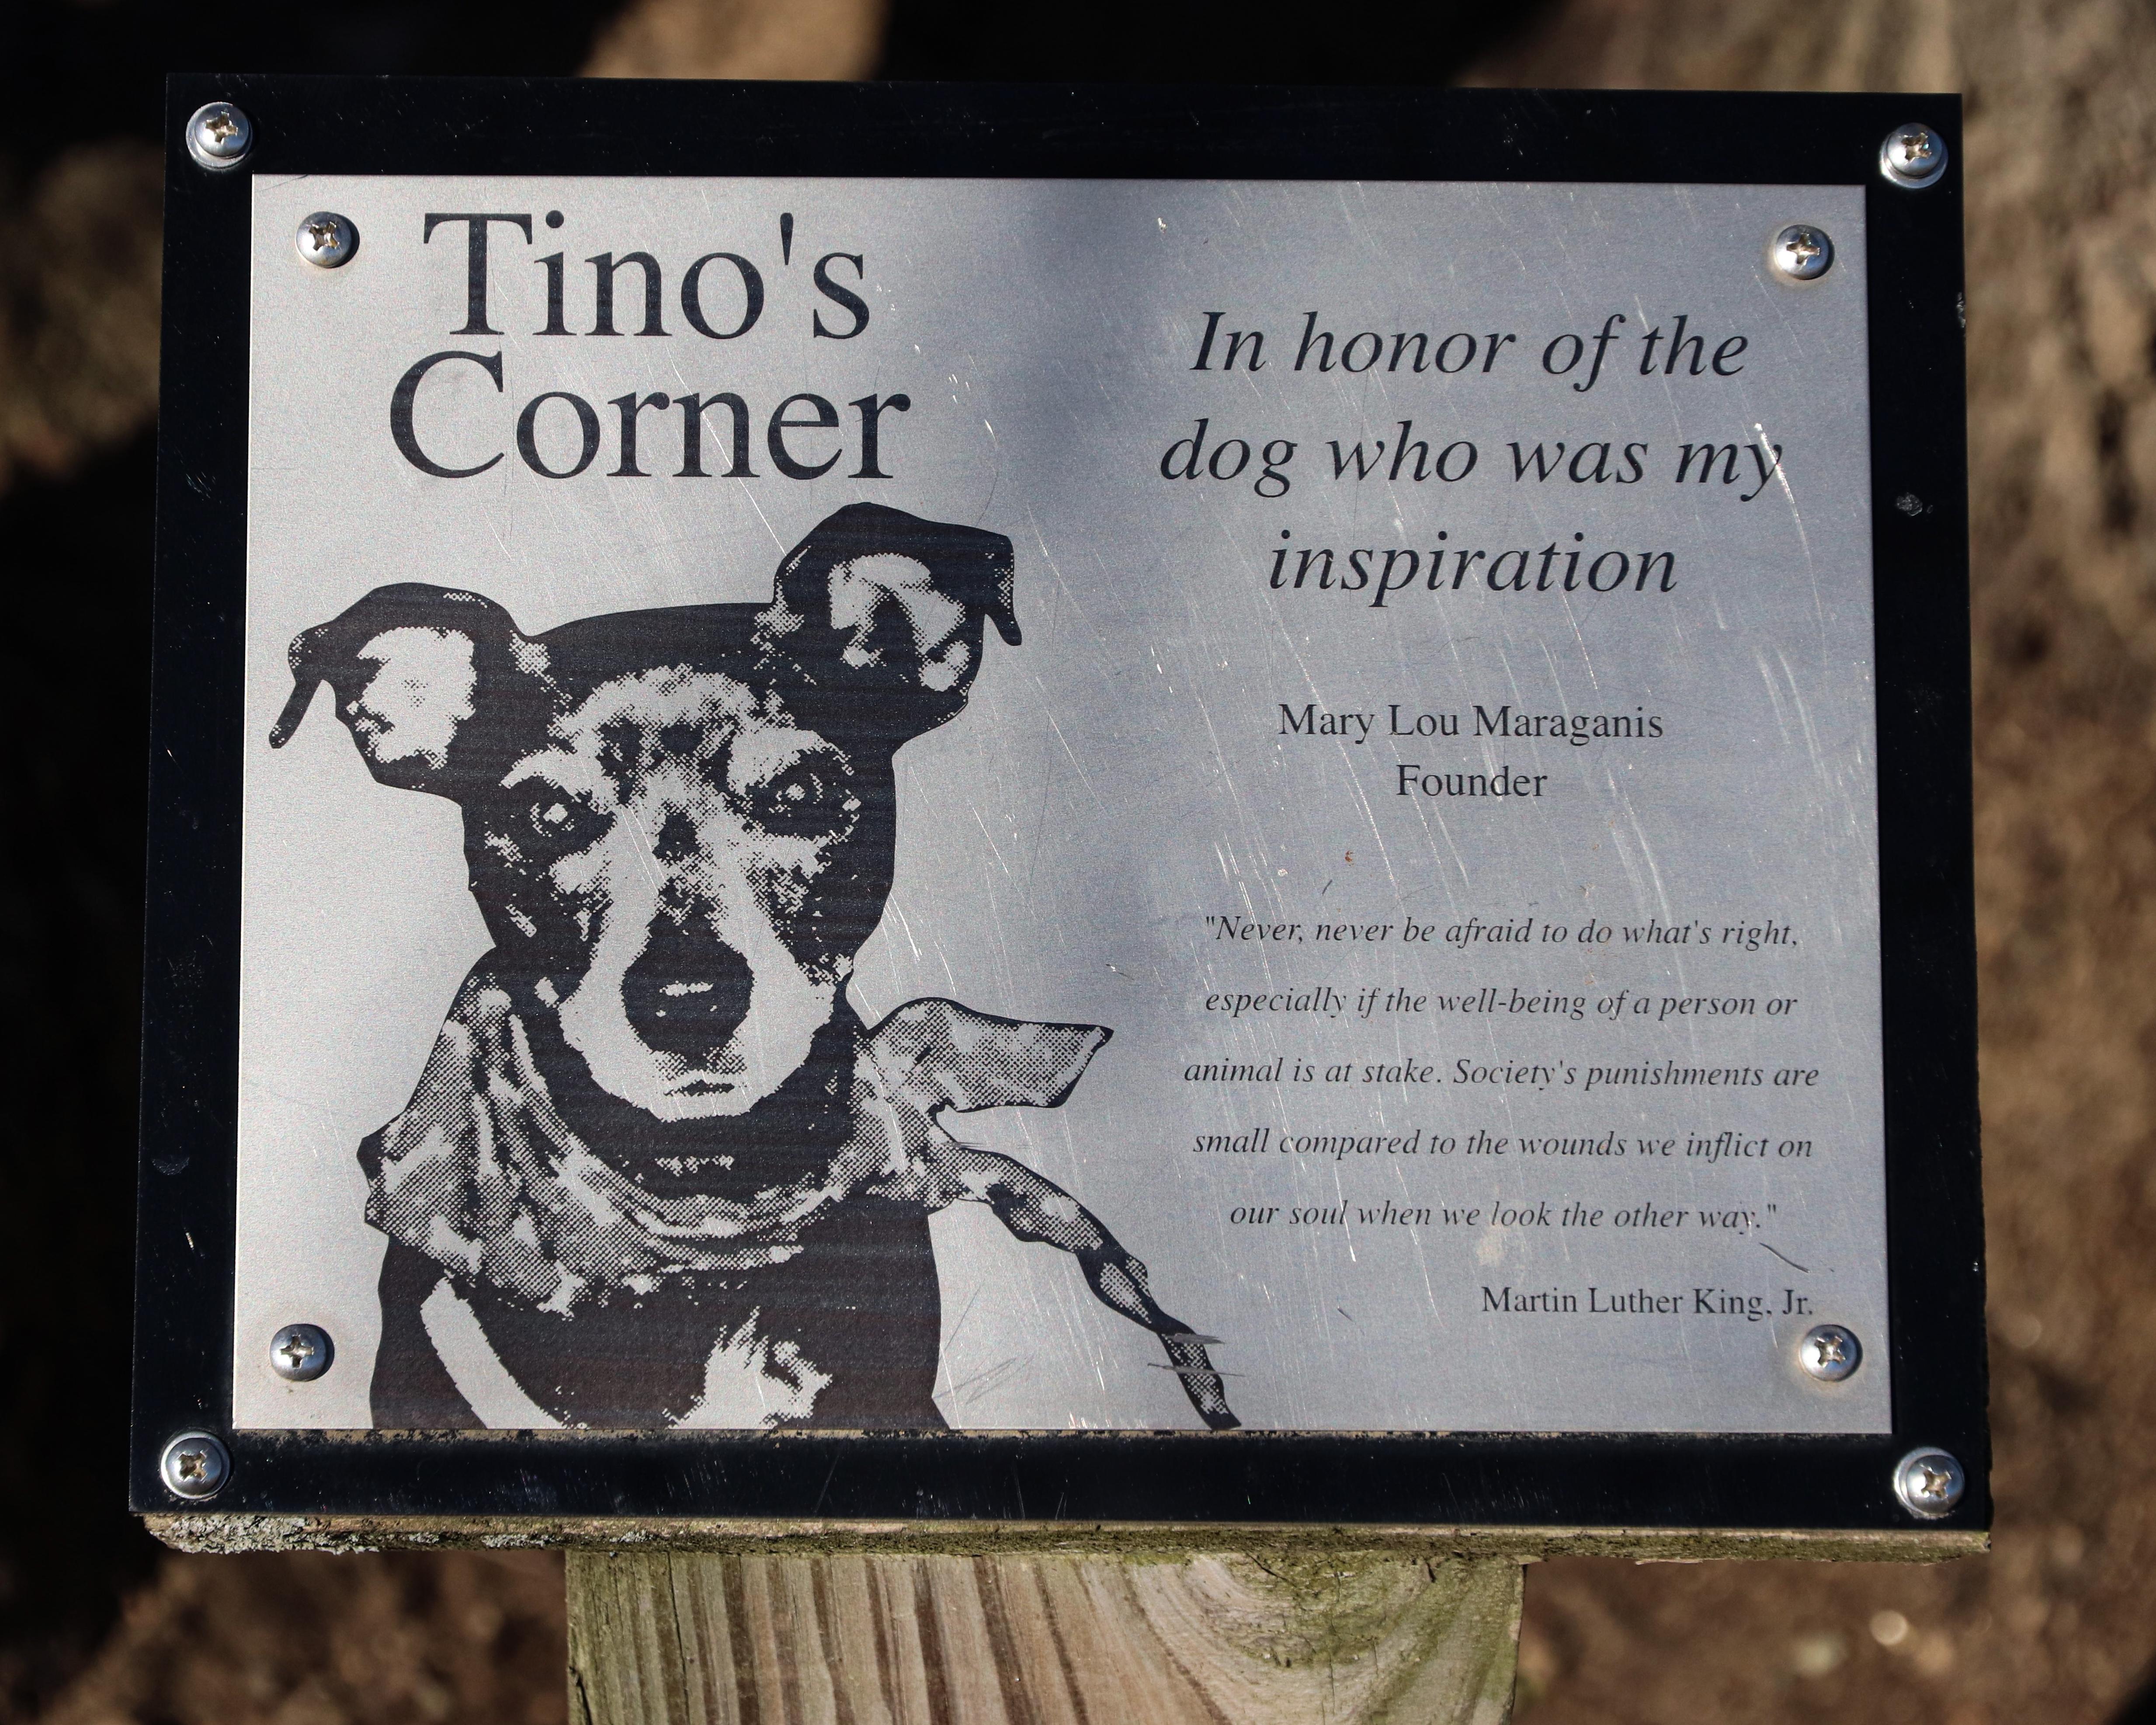 Tino's Corner